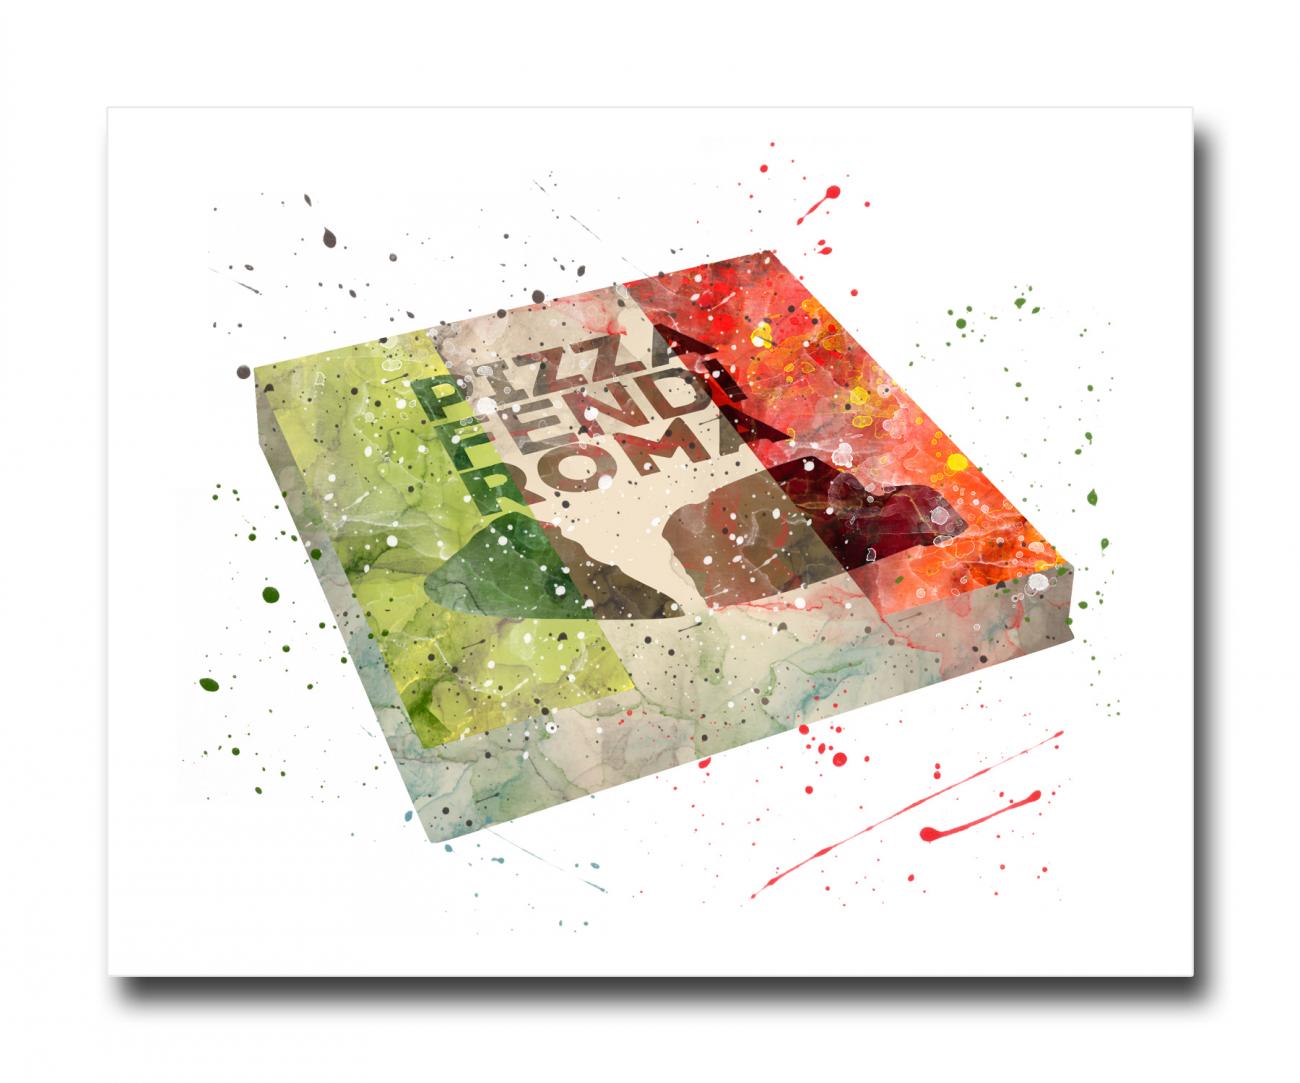 Купить Постер Pizza A4 в интернет магазине дизайнерской мебели и аксессуаров для дома и дачи